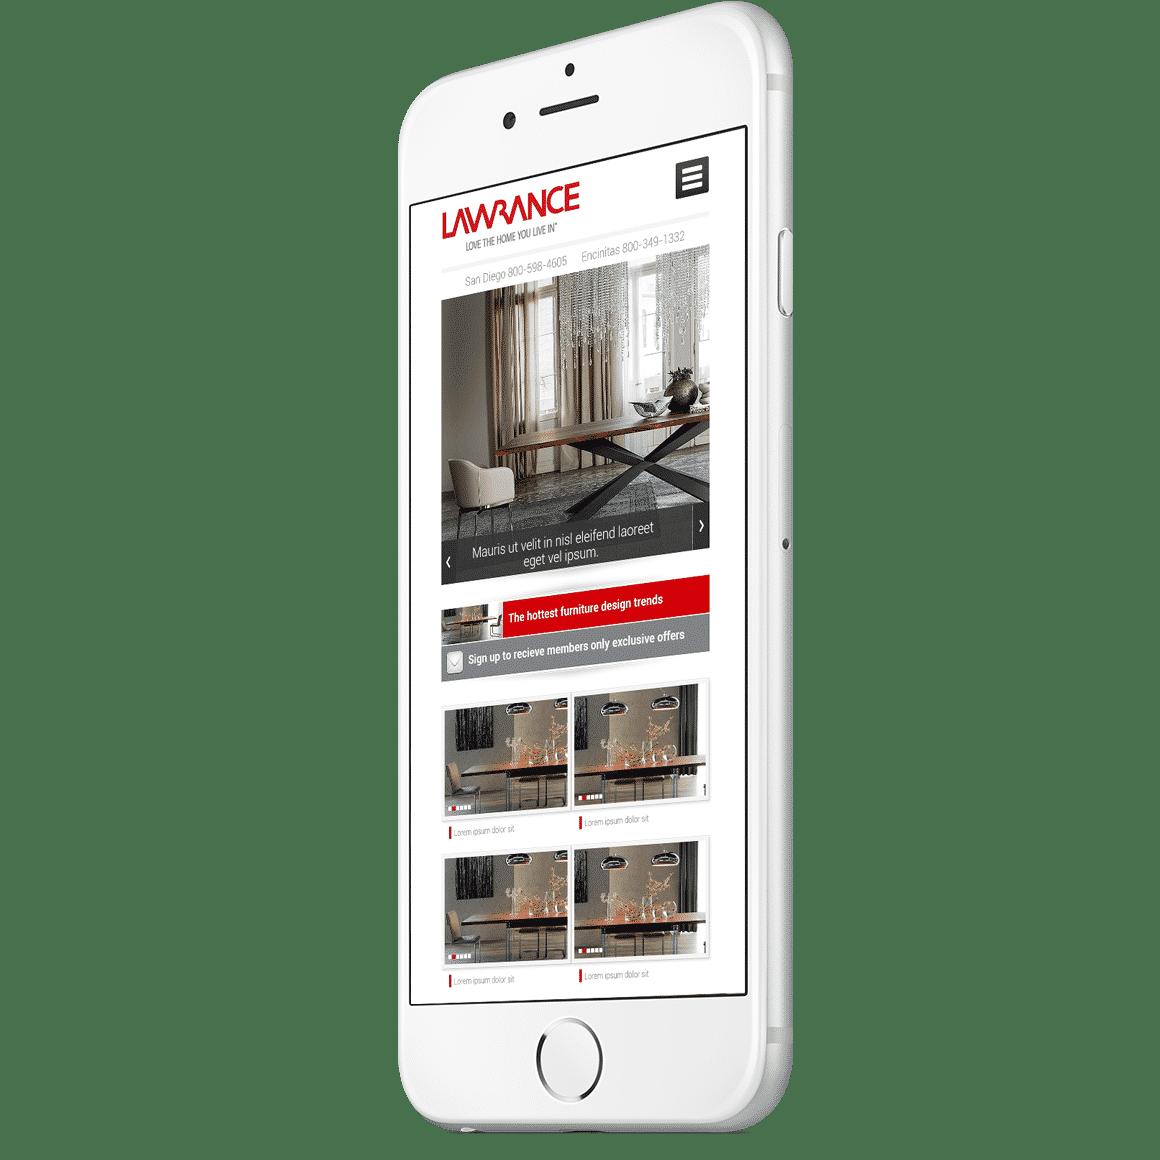 NOYO Mobile / Responsive Web Design